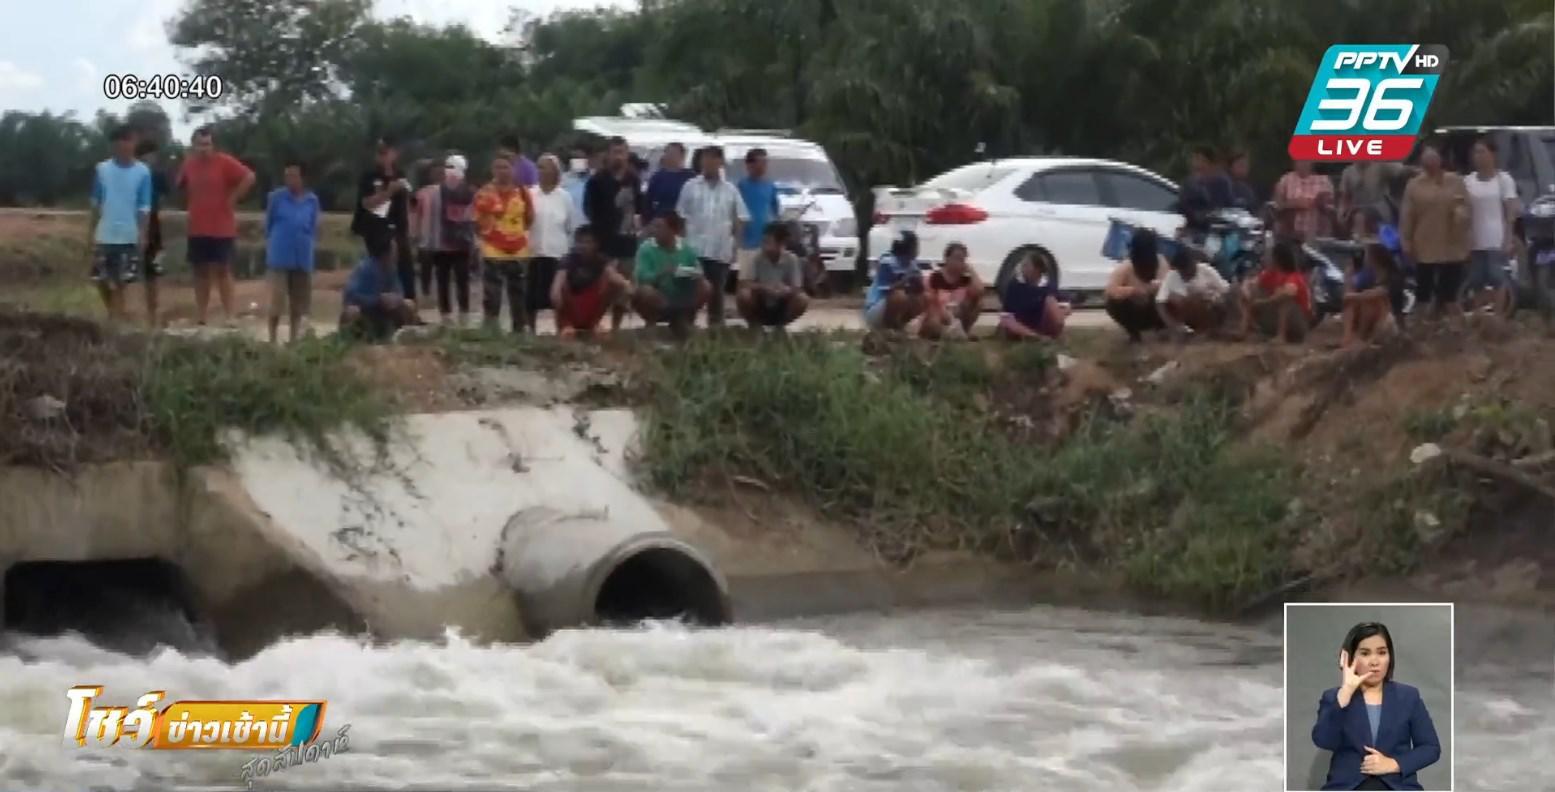 จมหายต่อหน้า ครอบครัวลงเล่นน้ำ แม่ถูกน้ำดูดเข้าไปในท่อดับ